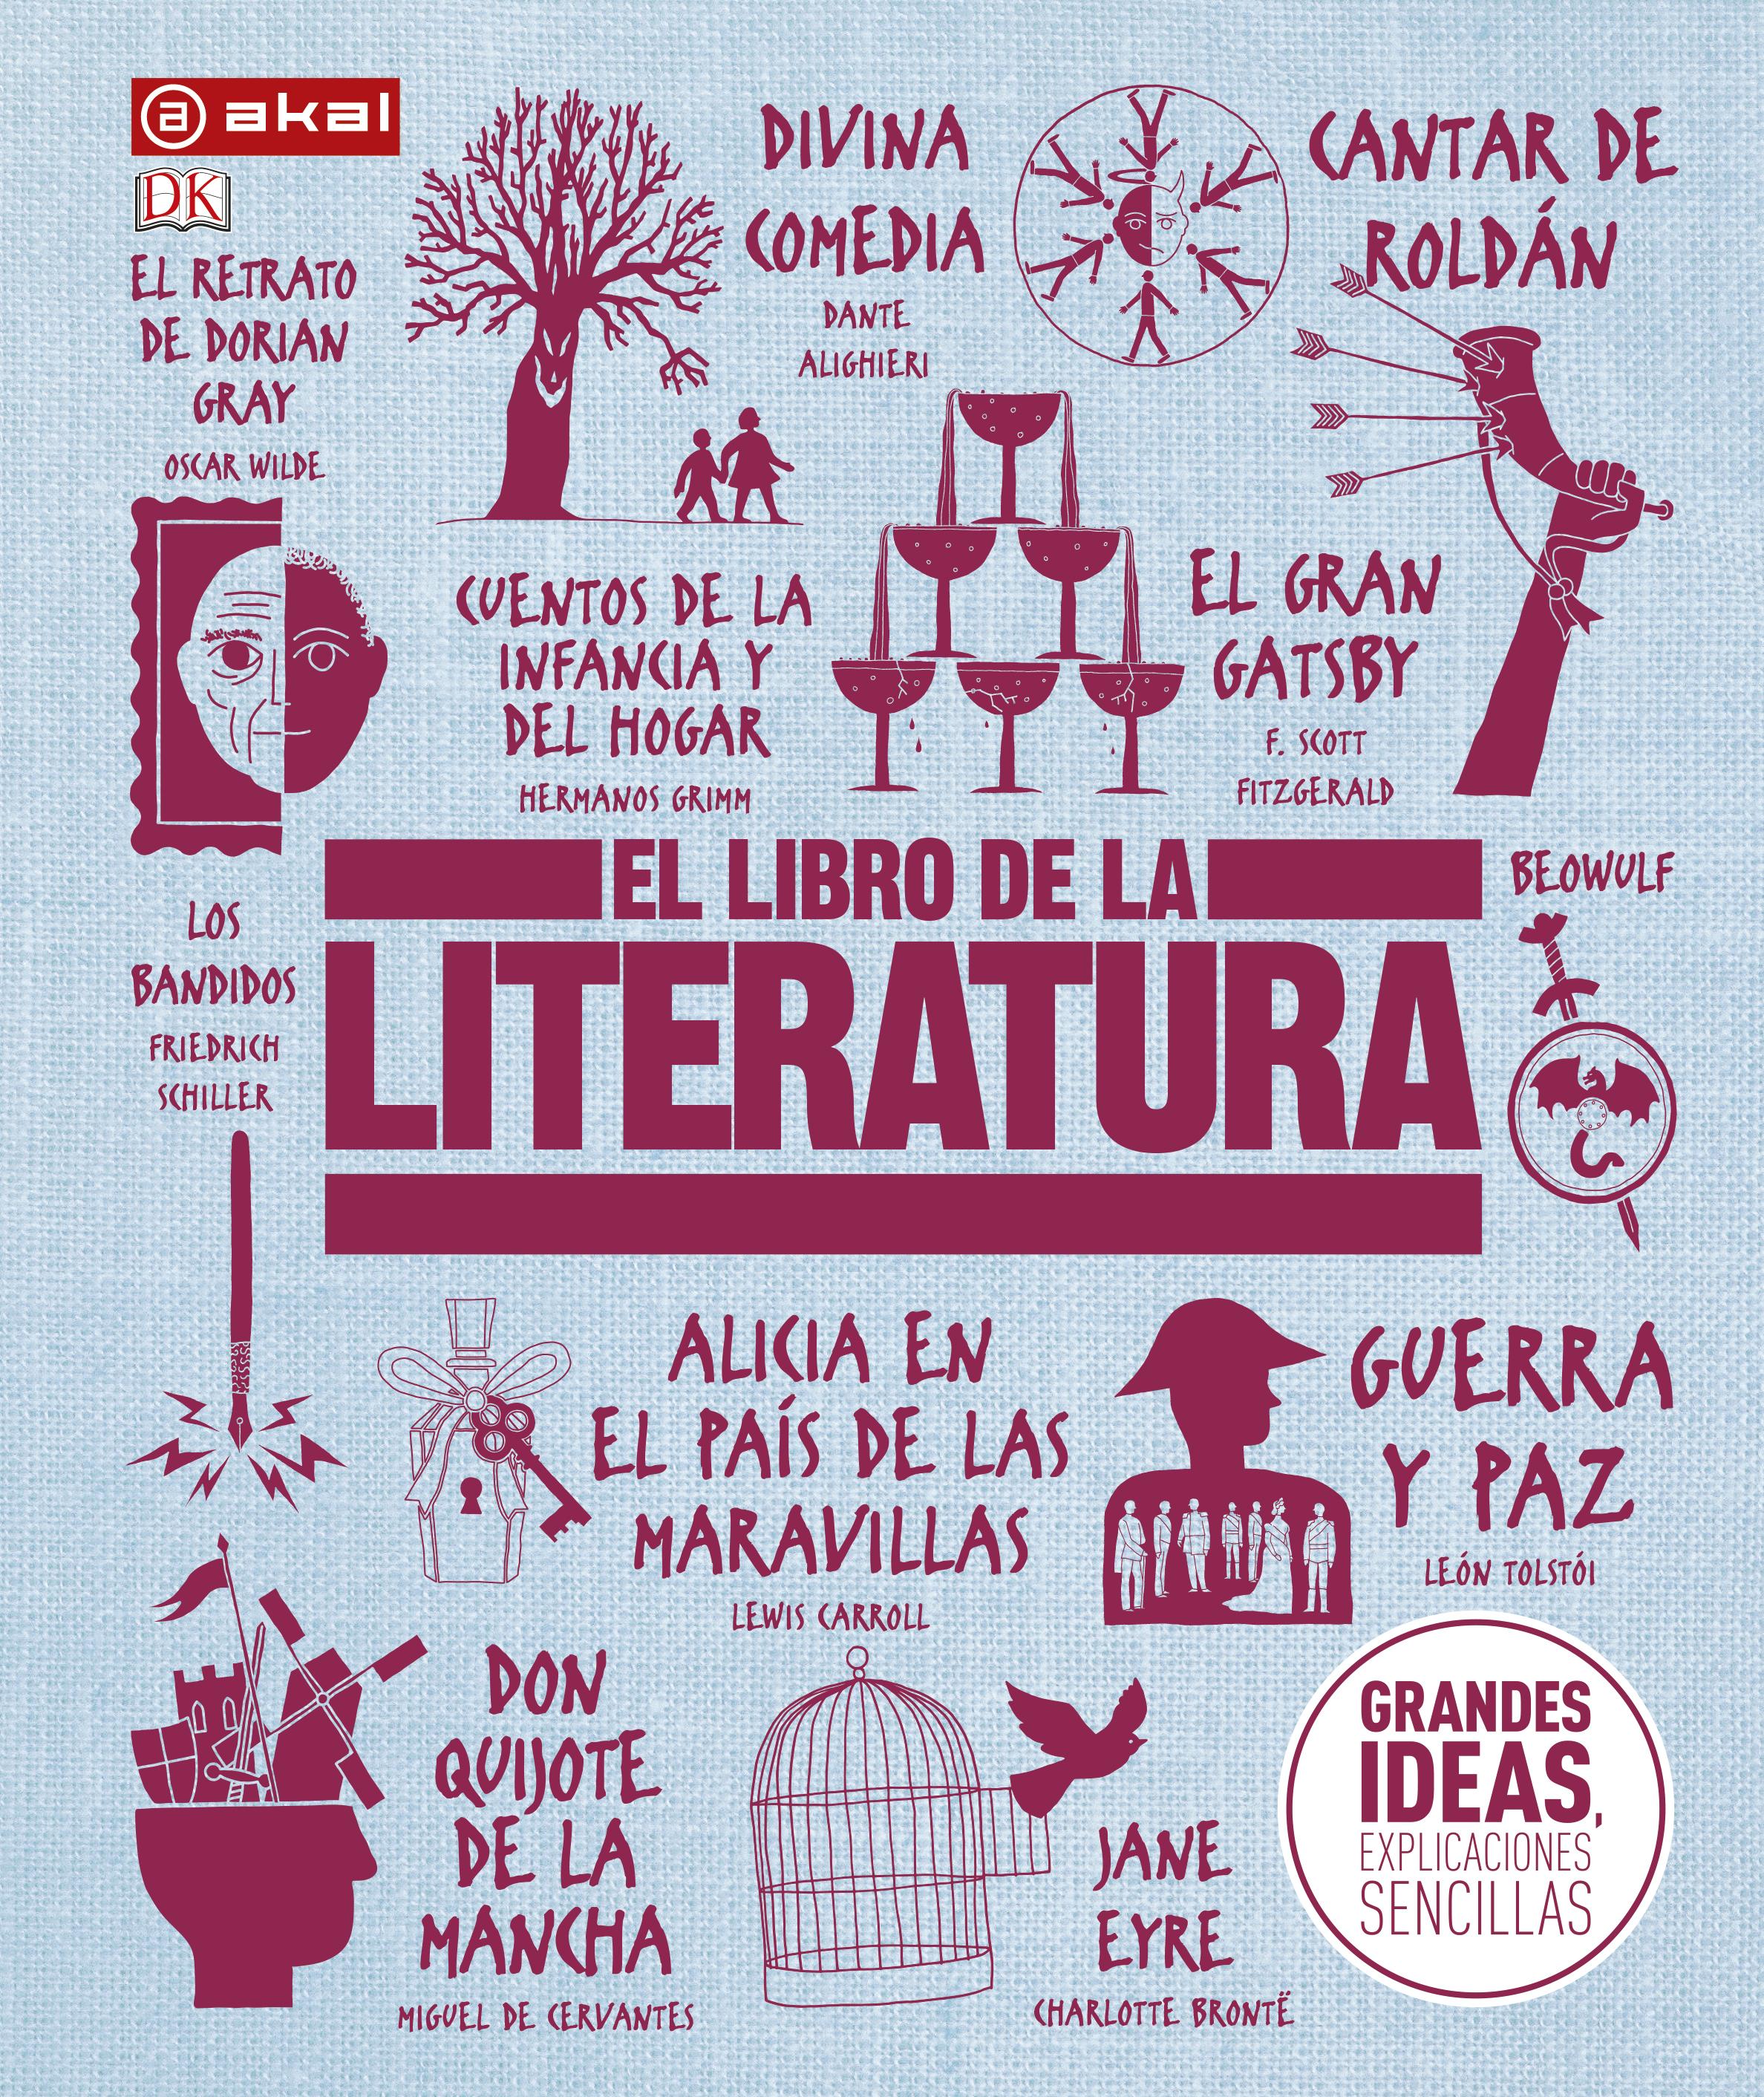 el-libro-de-la-literatura-978-84-460-4638-7